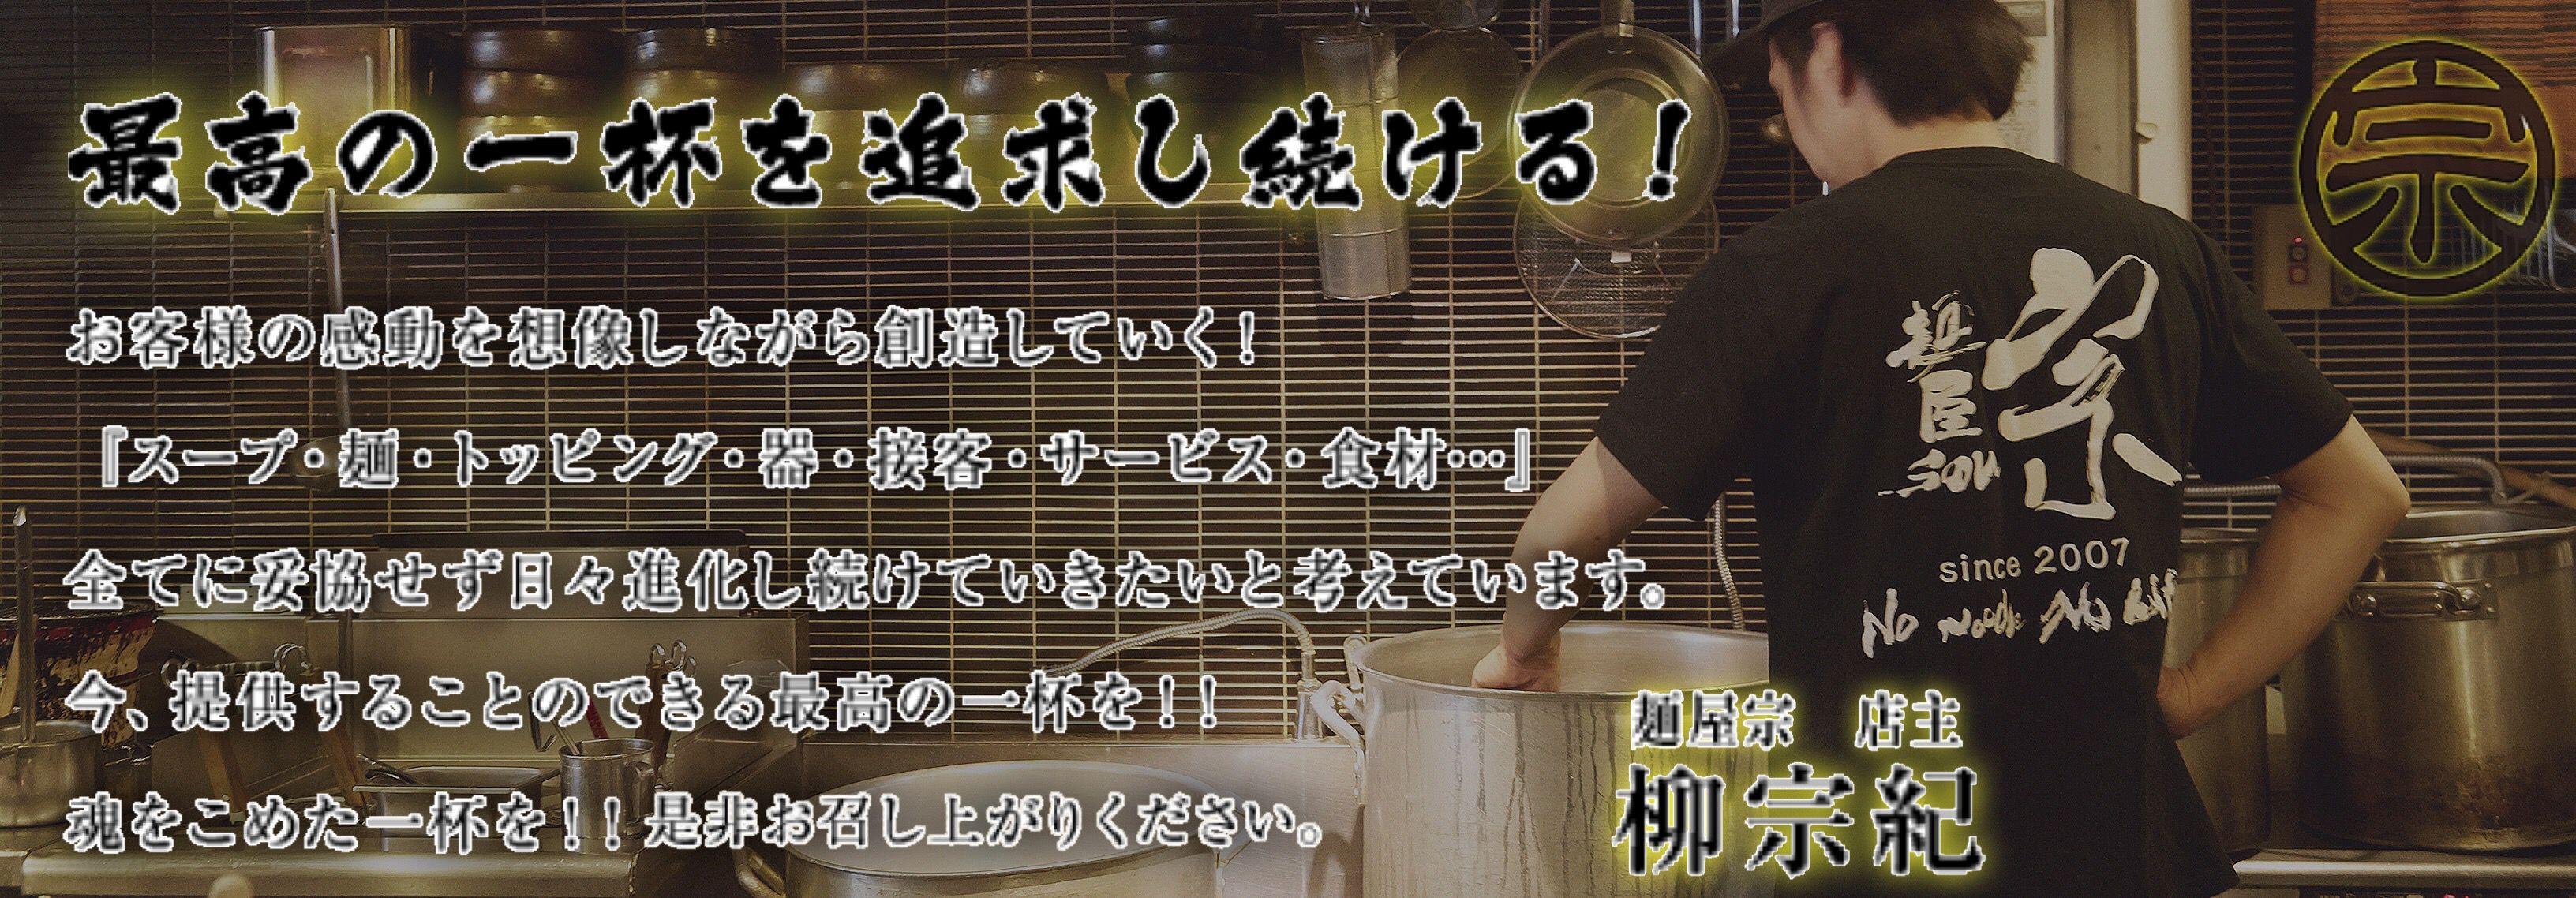 麺屋宗~高田馬場本店~